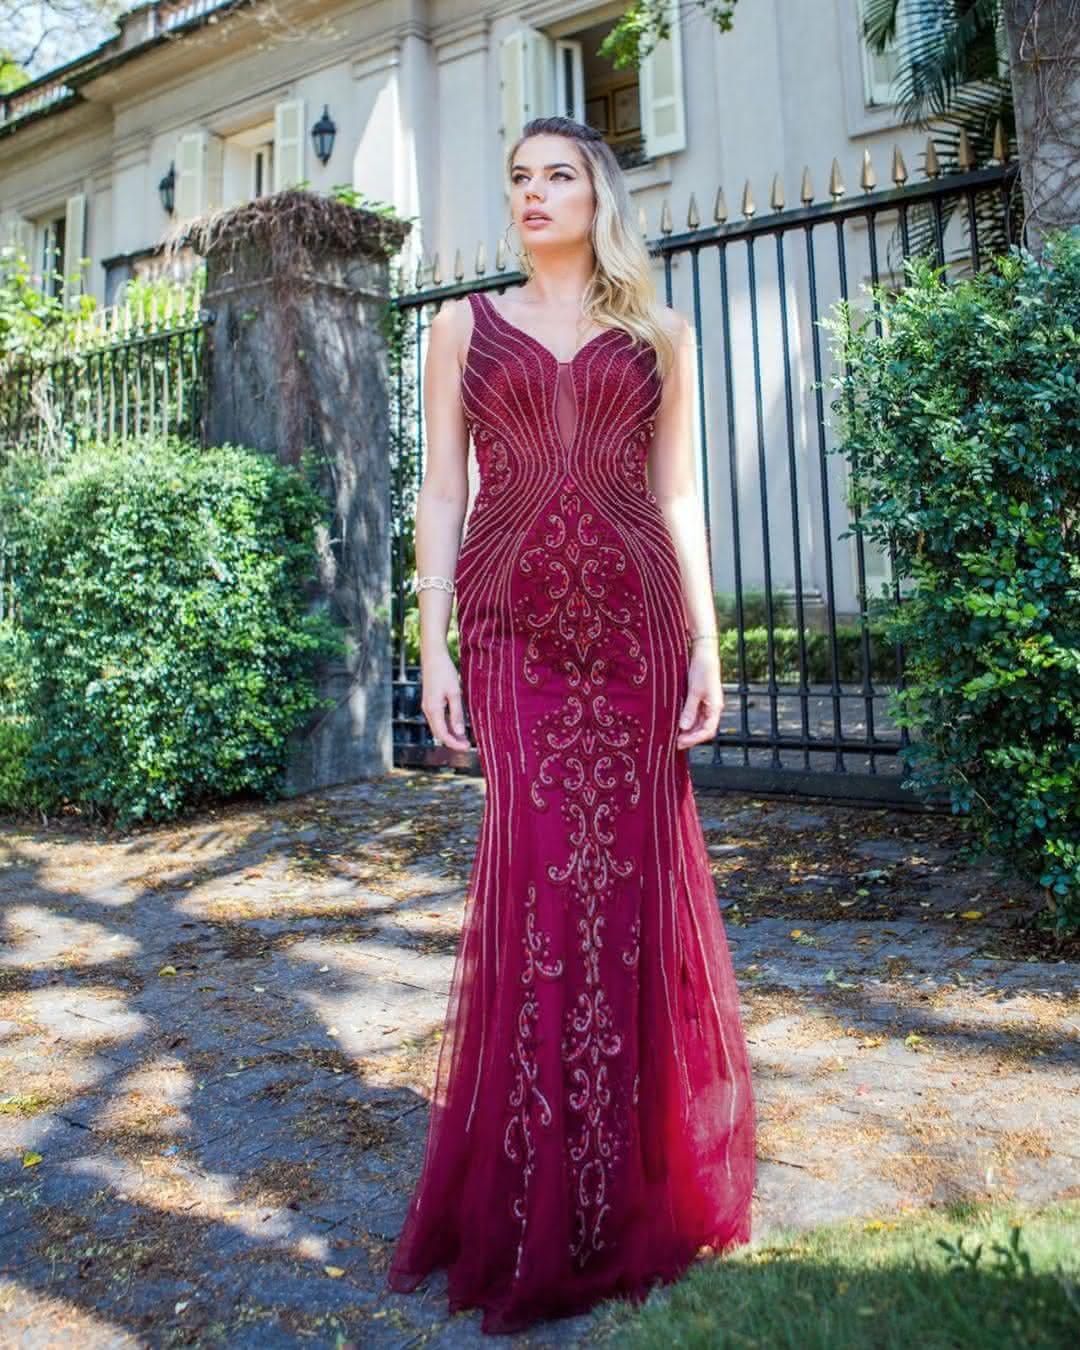 Modelos de vestido de festa marsala